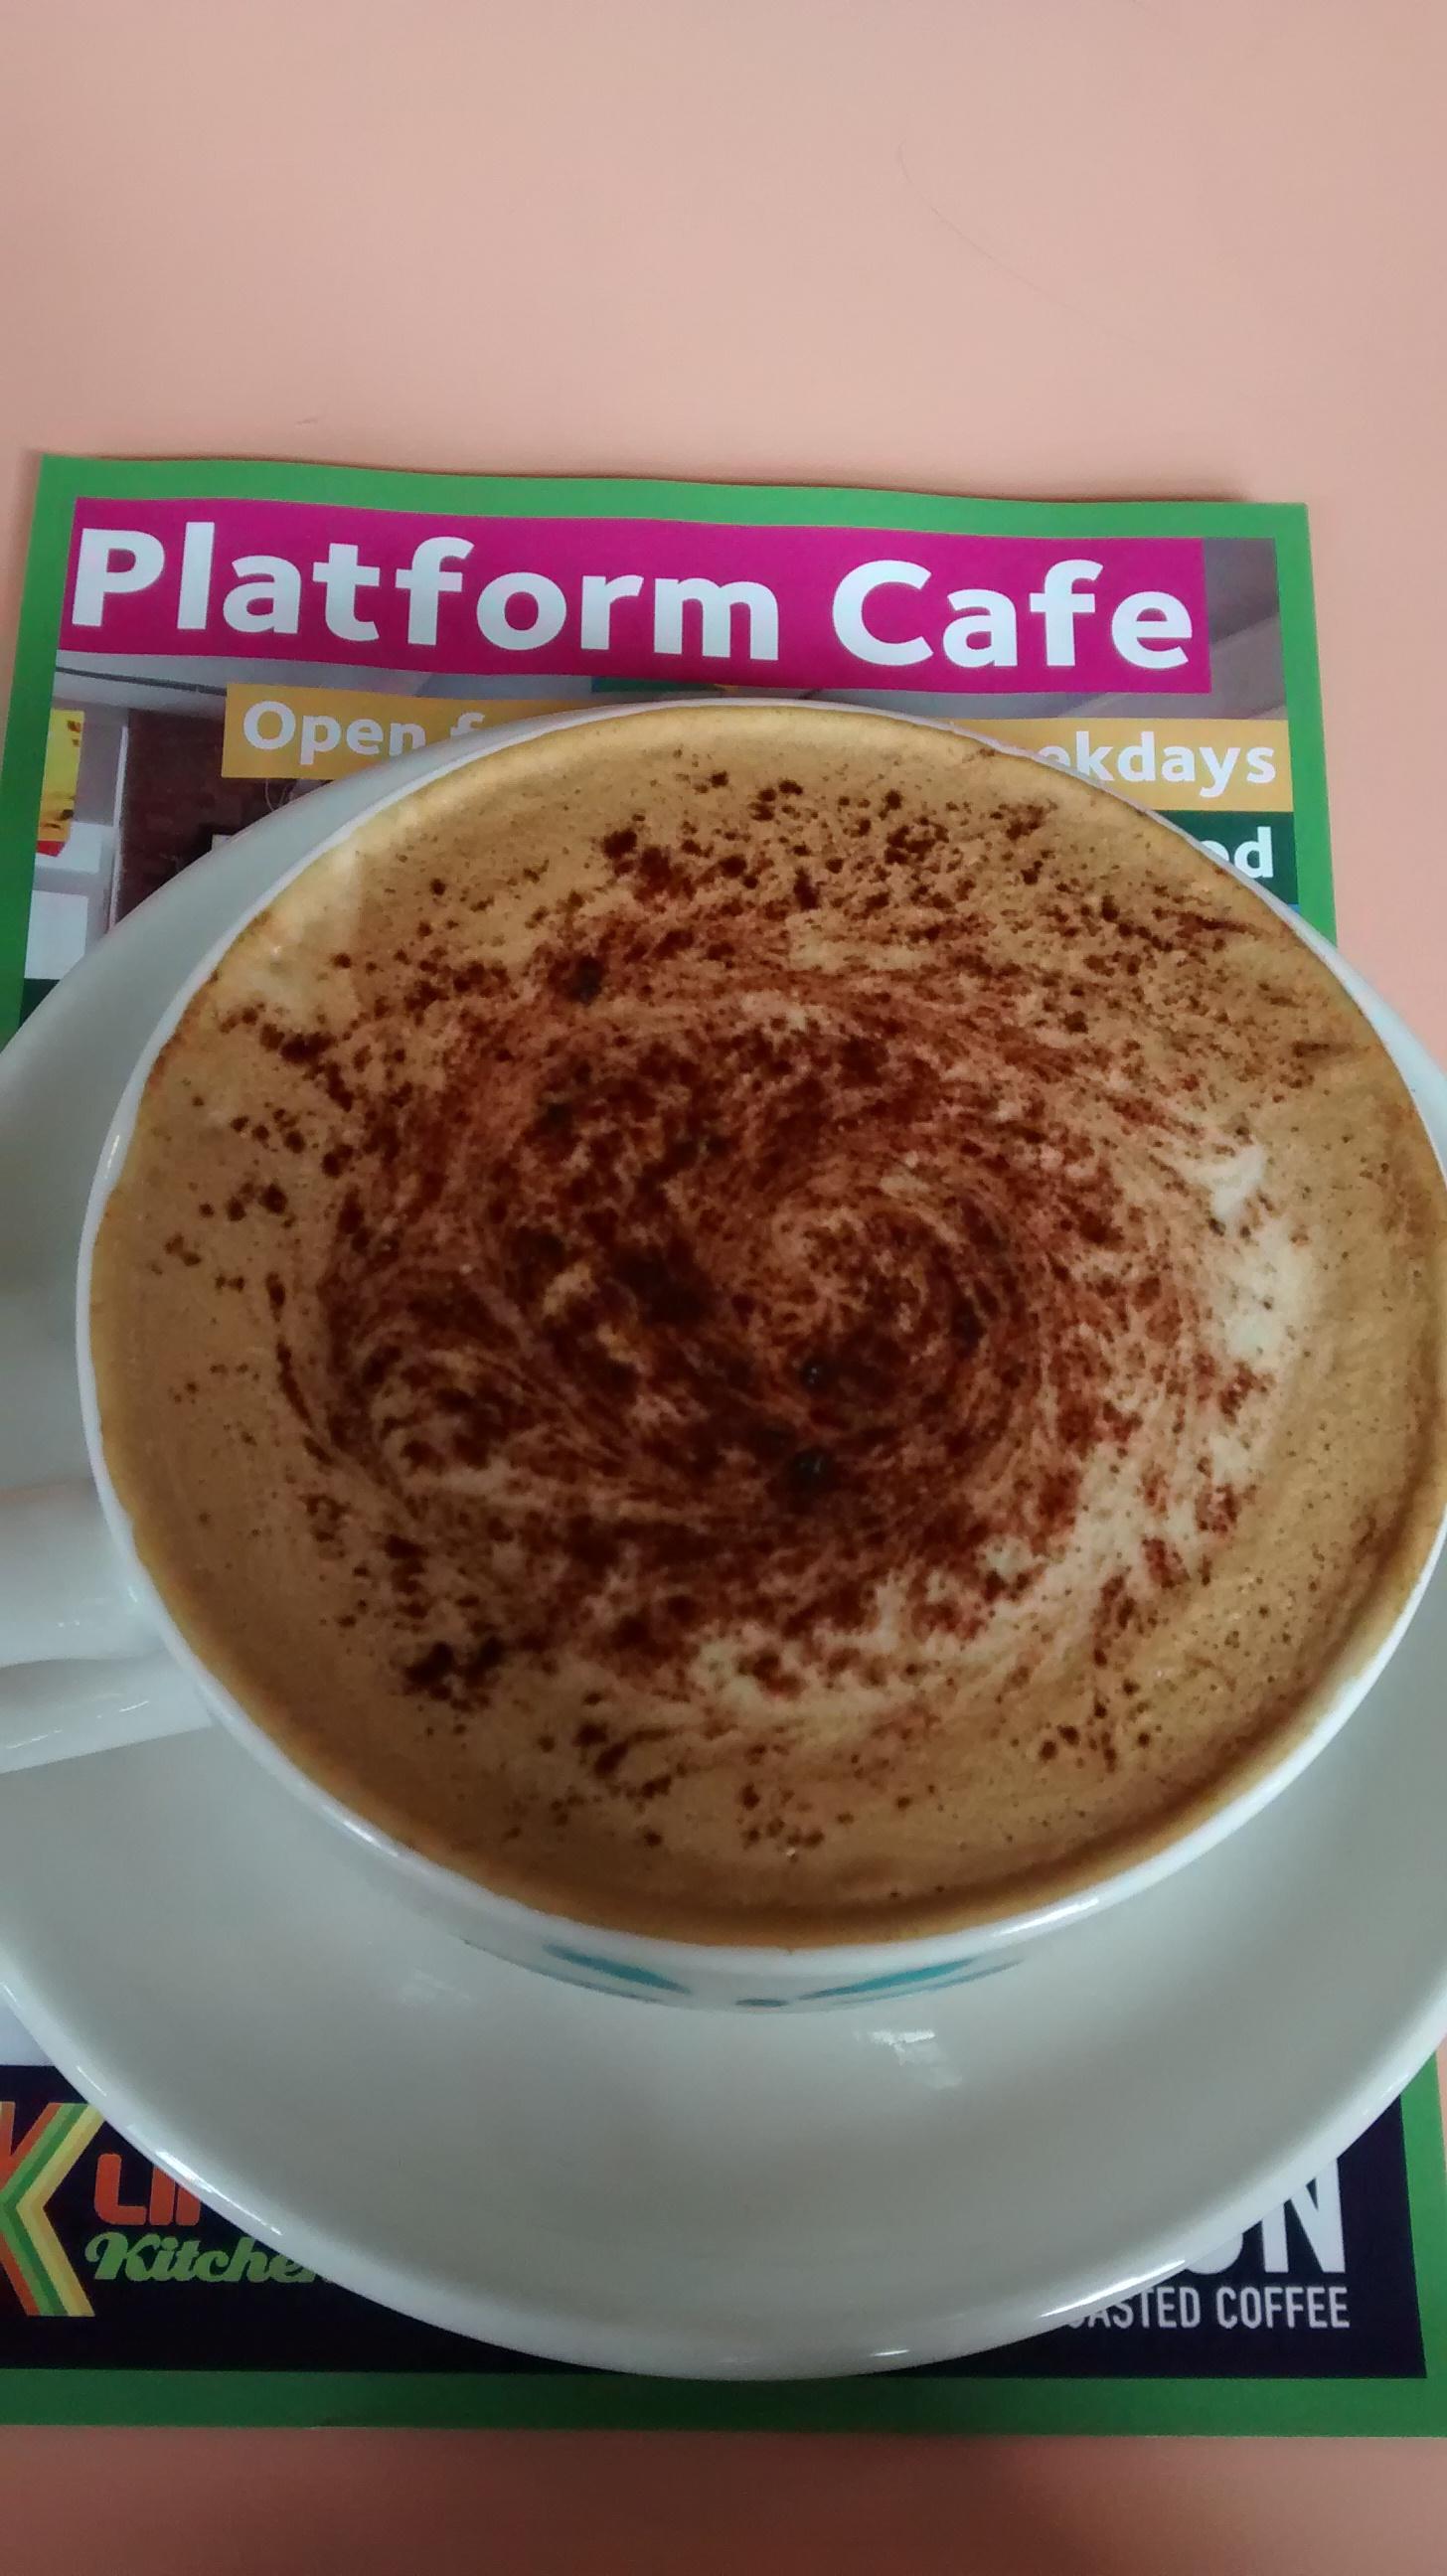 Platform Café: Affordable, Youth-Led Café In North London